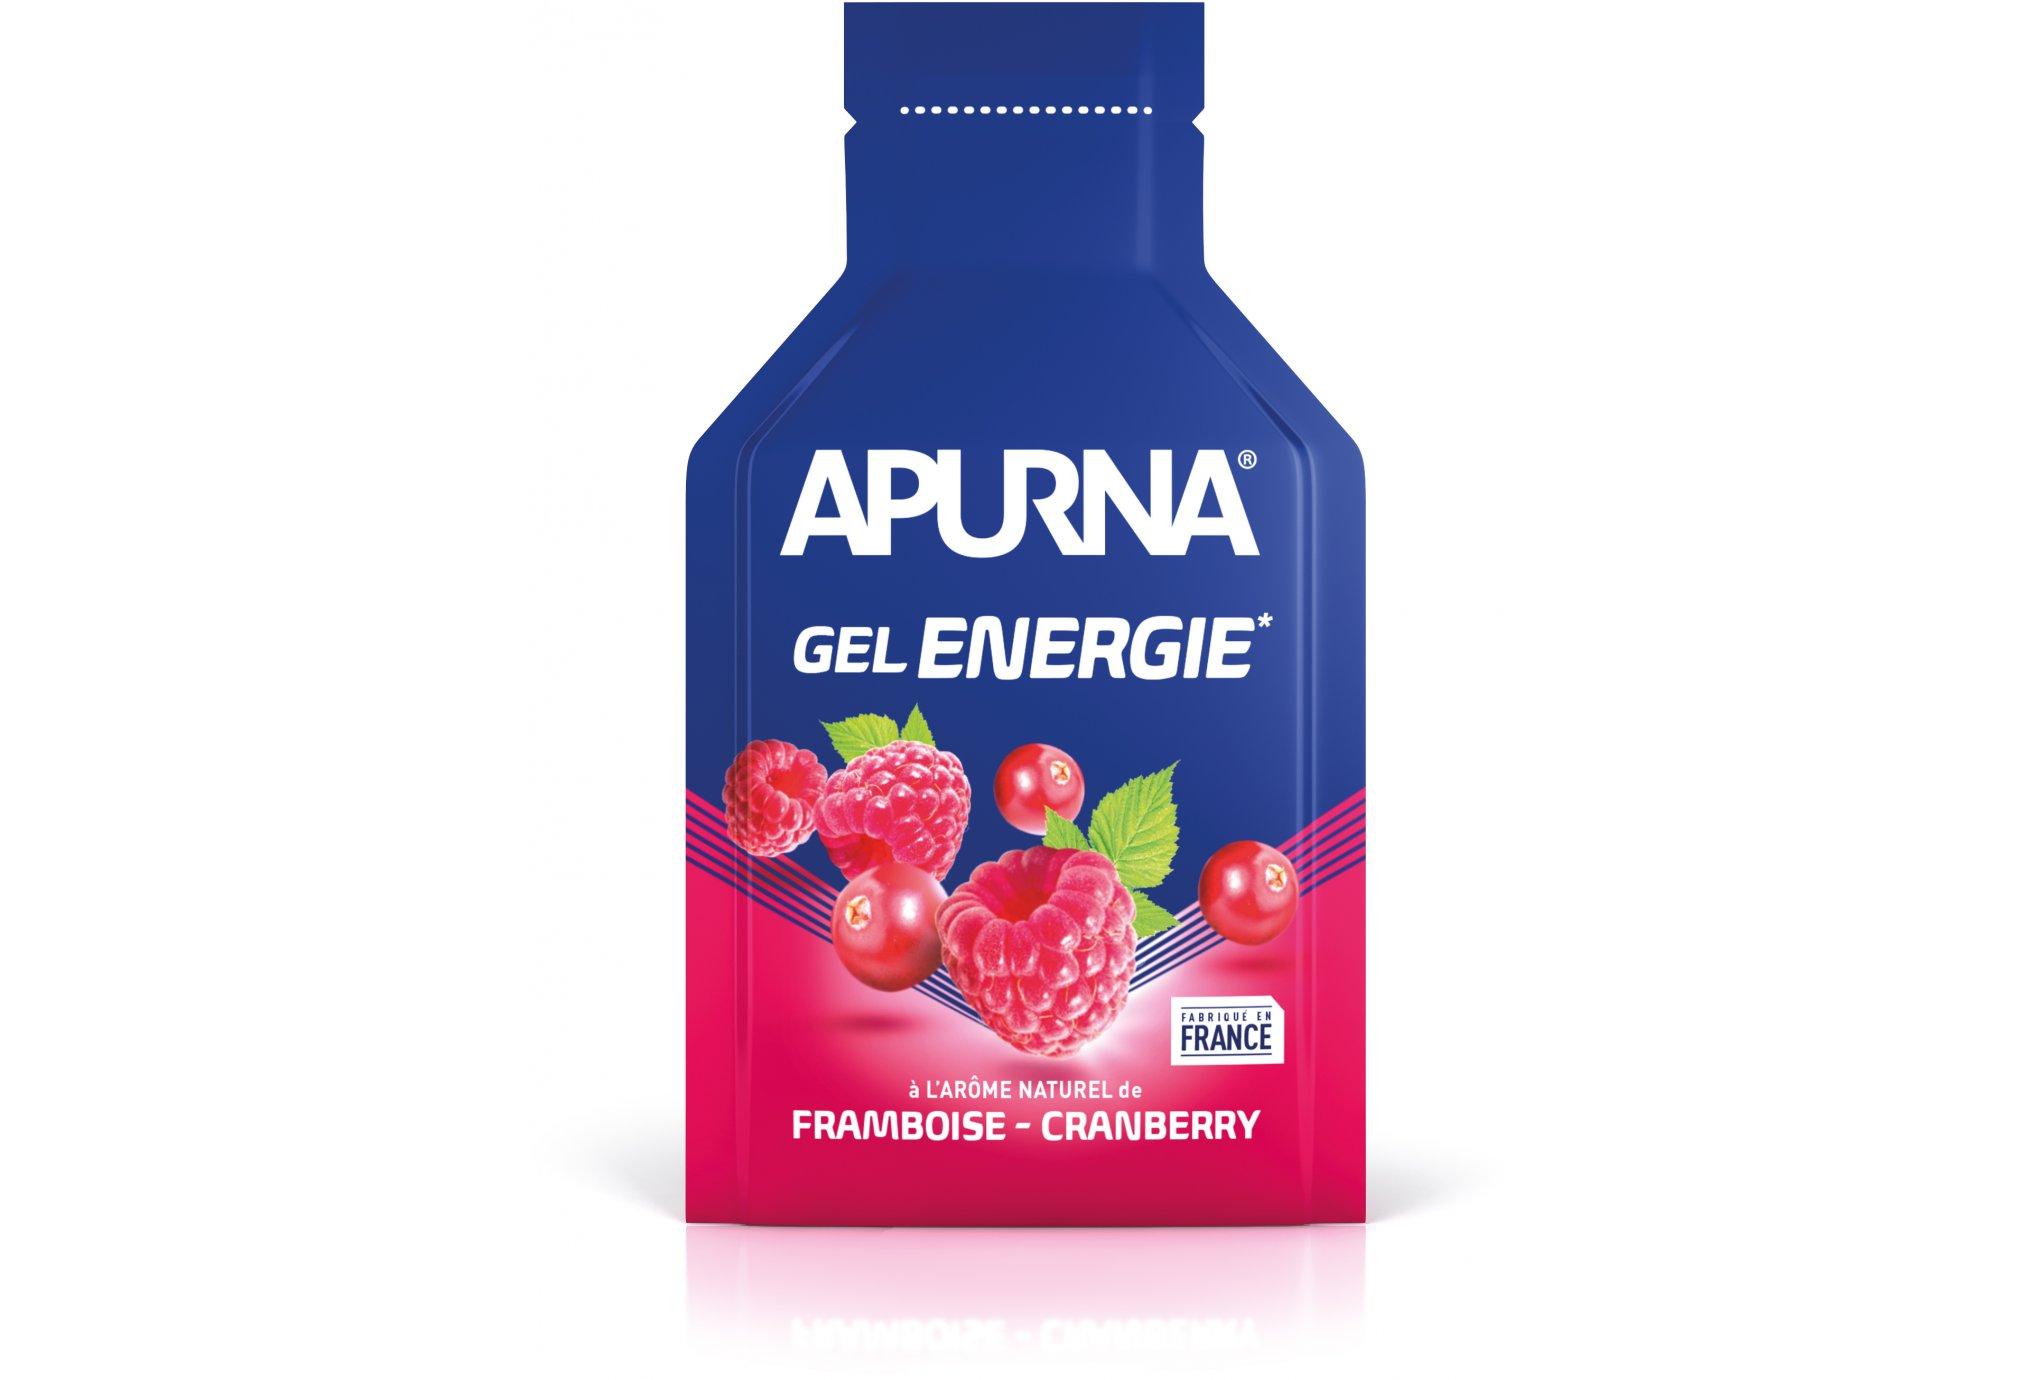 Apurna Gel energie - framboise cranberry diététique gels